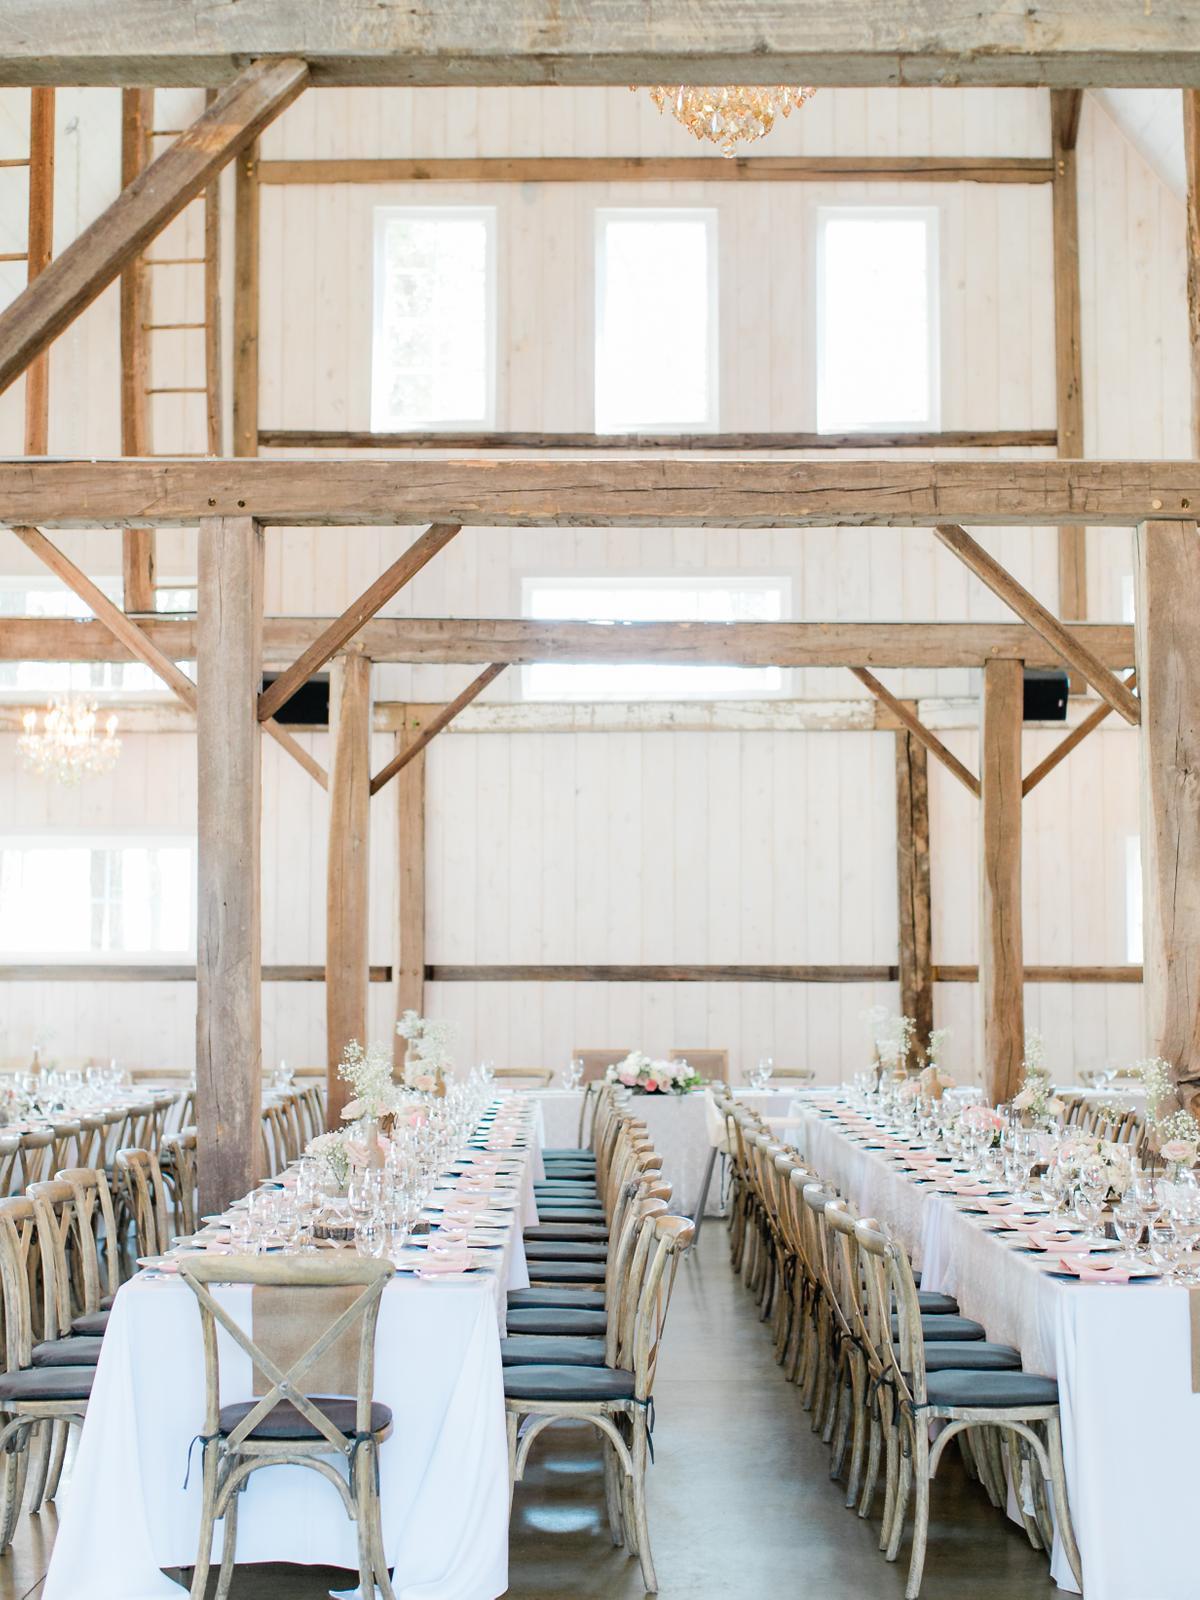 Inšpirácie na svadobné stolovovanie - Obrázok č. 5